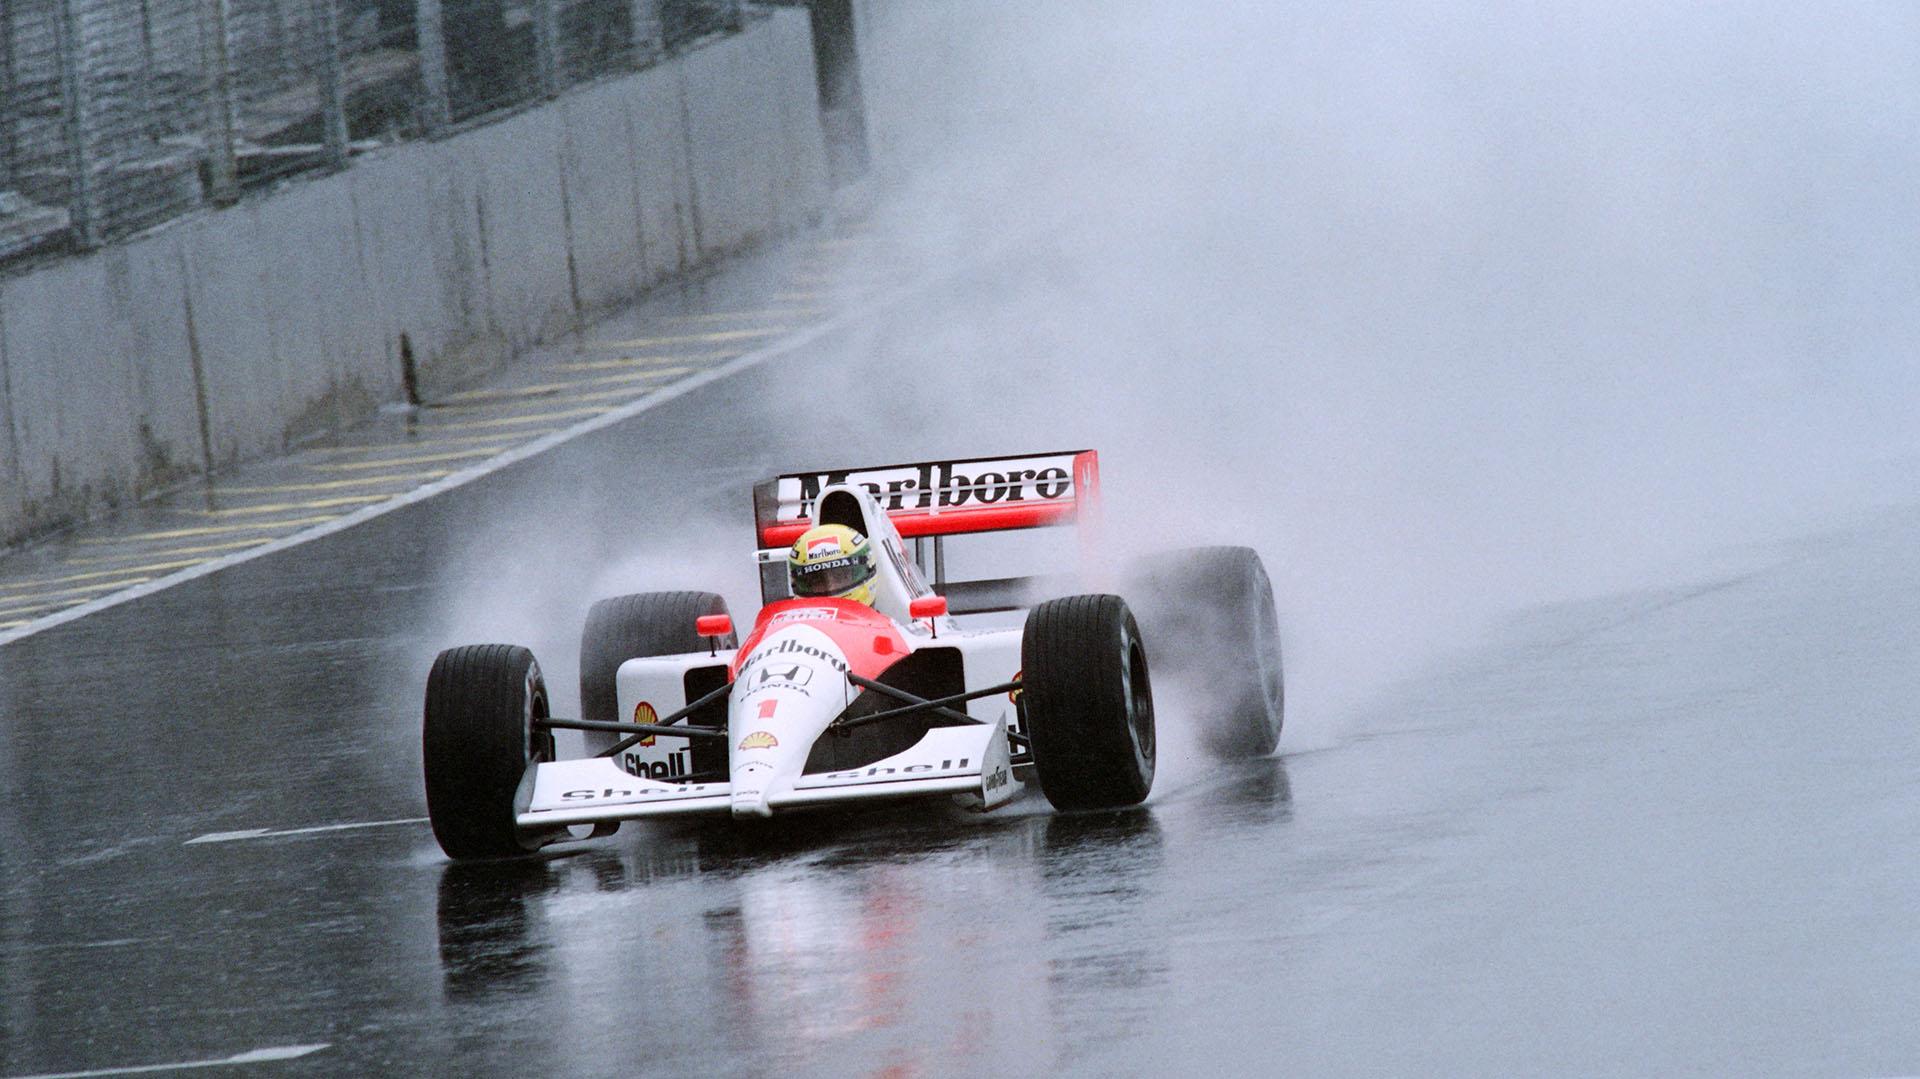 Para muchos, Ayrton Senna es uno de los mejores pilotos que manejó con pista humeda en la historia. Acá en el Gran Premio de Brasil 1991